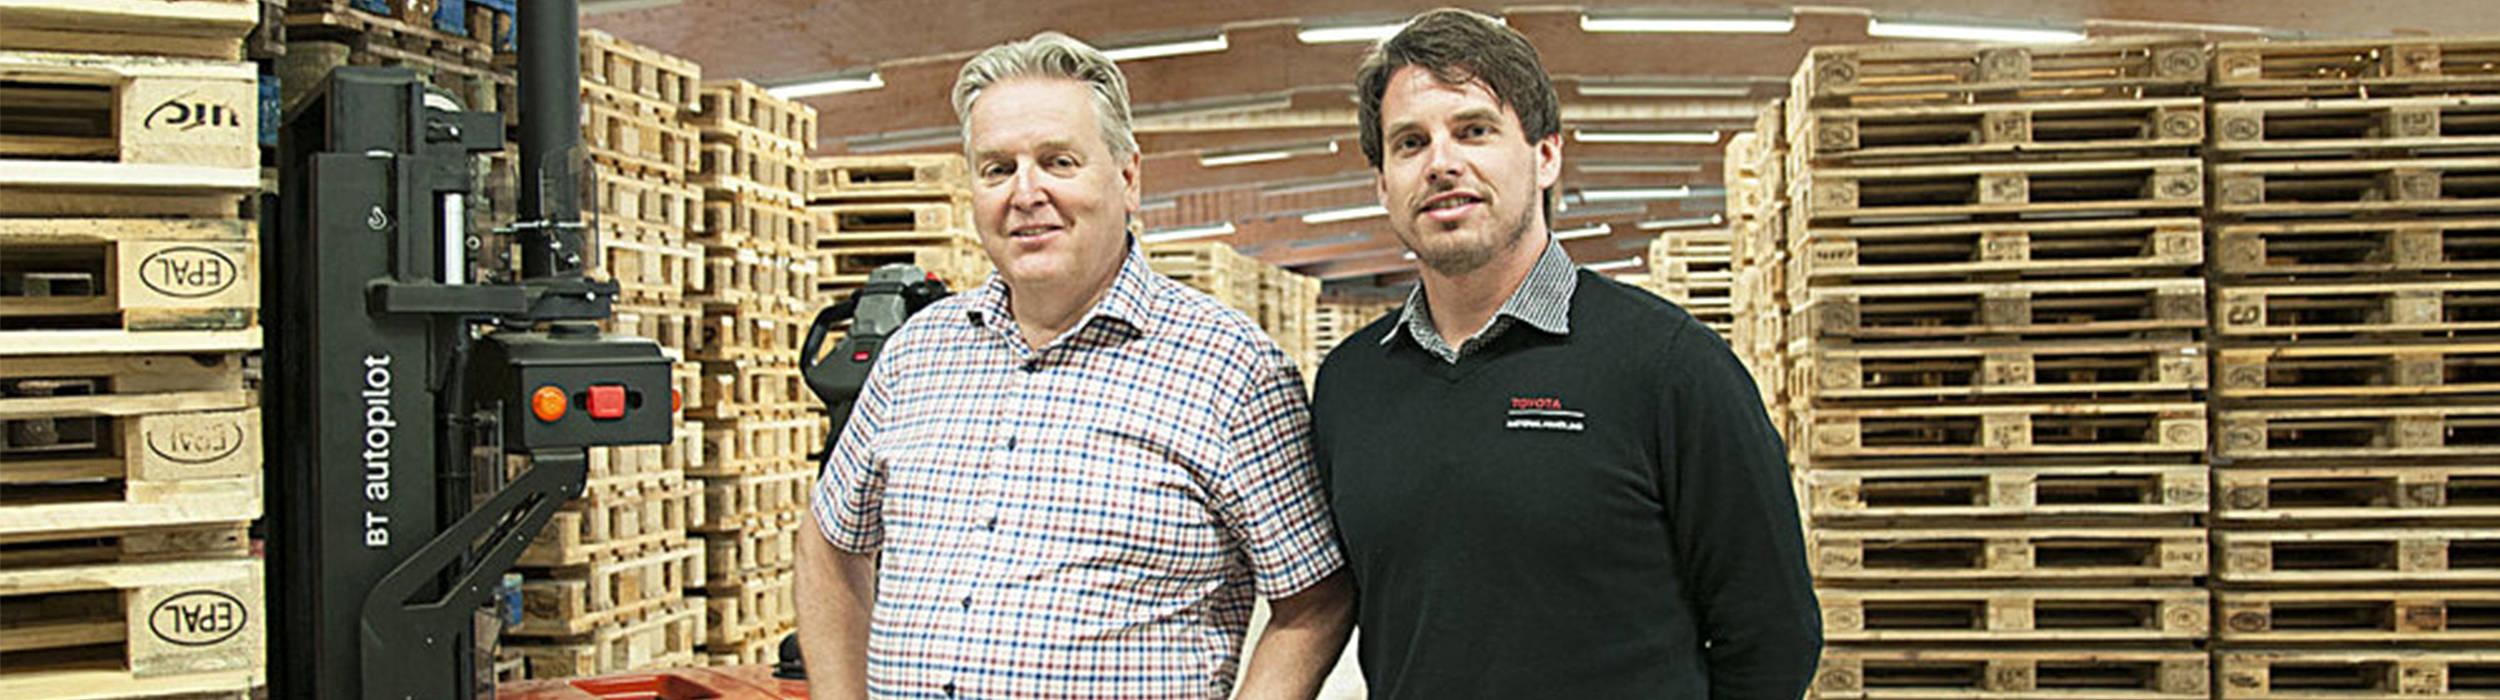 Pallegrossisten og Toyota Material Handling Norway i helautomatisk lager